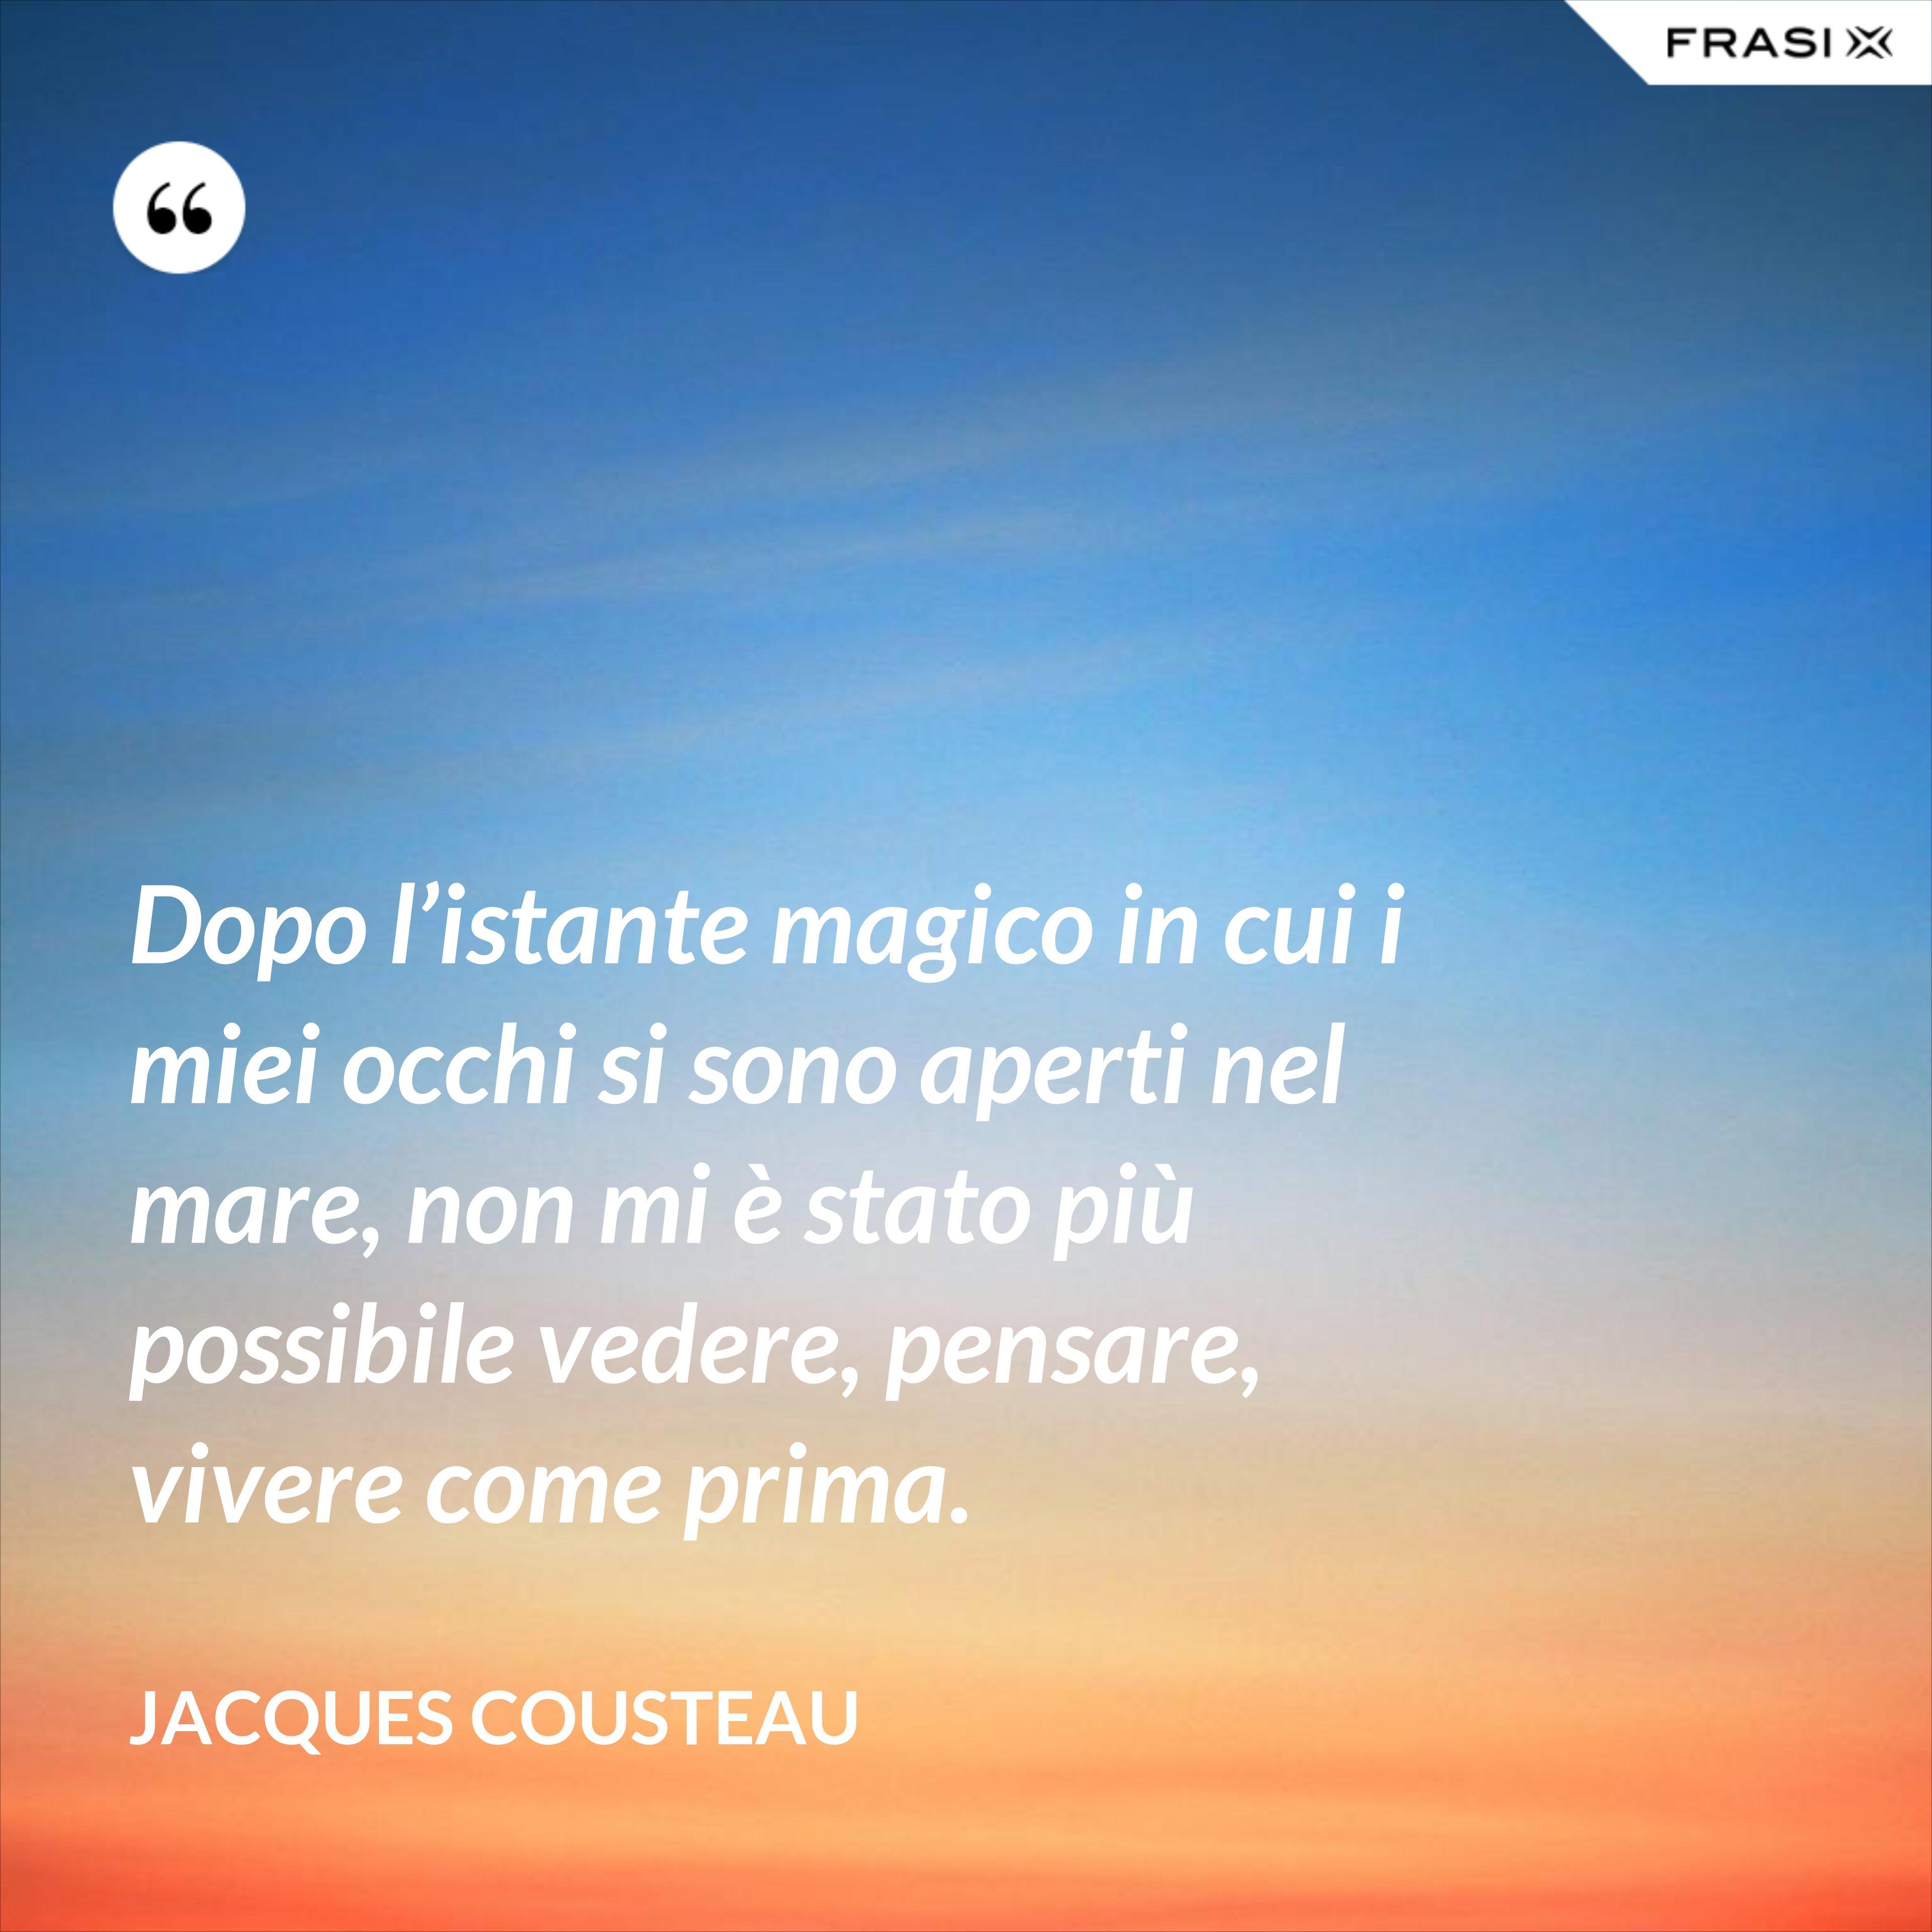 Dopo l'istante magico in cui i miei occhi si sono aperti nel mare, non mi è stato più possibile vedere, pensare, vivere come prima. - Jacques Cousteau